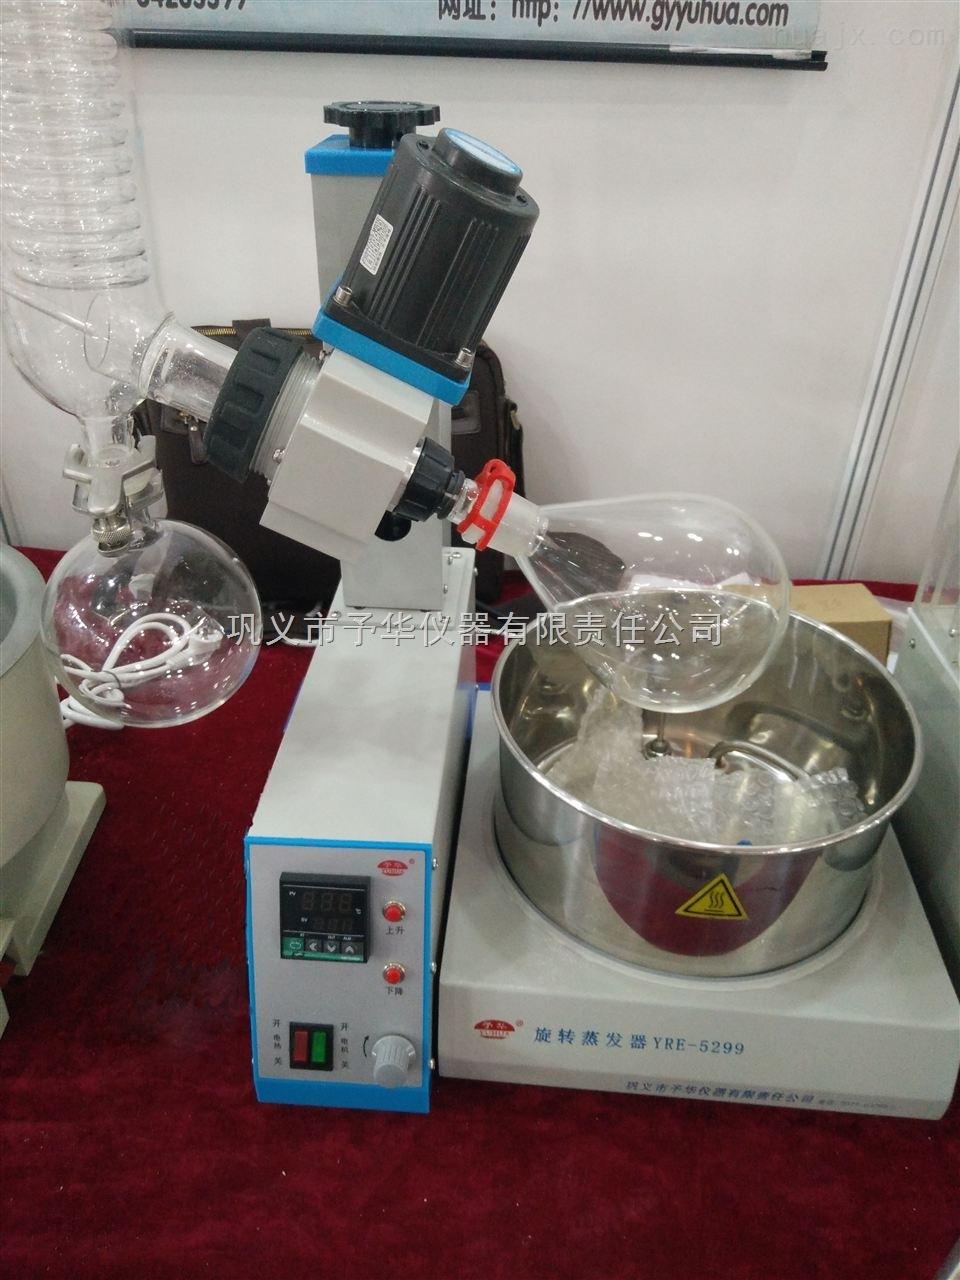 YRE-5299-小型旋转蒸发仪巩义予华仪器厂家直销